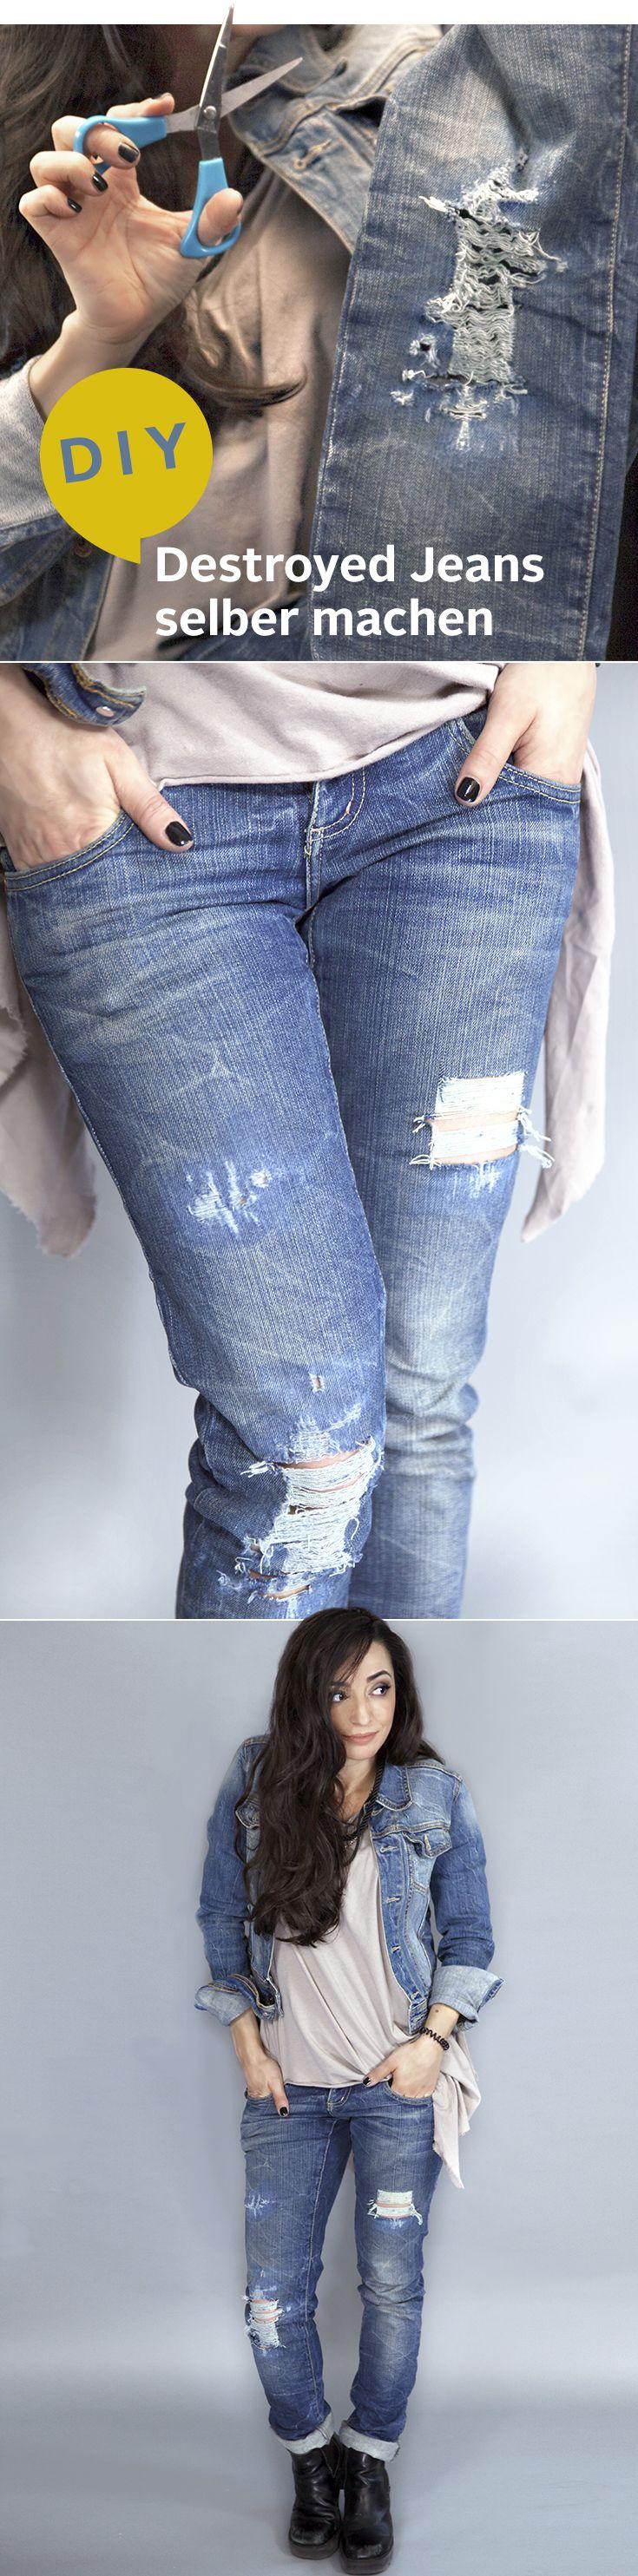 DIY: Destroyed Jeans einfach selber gemacht